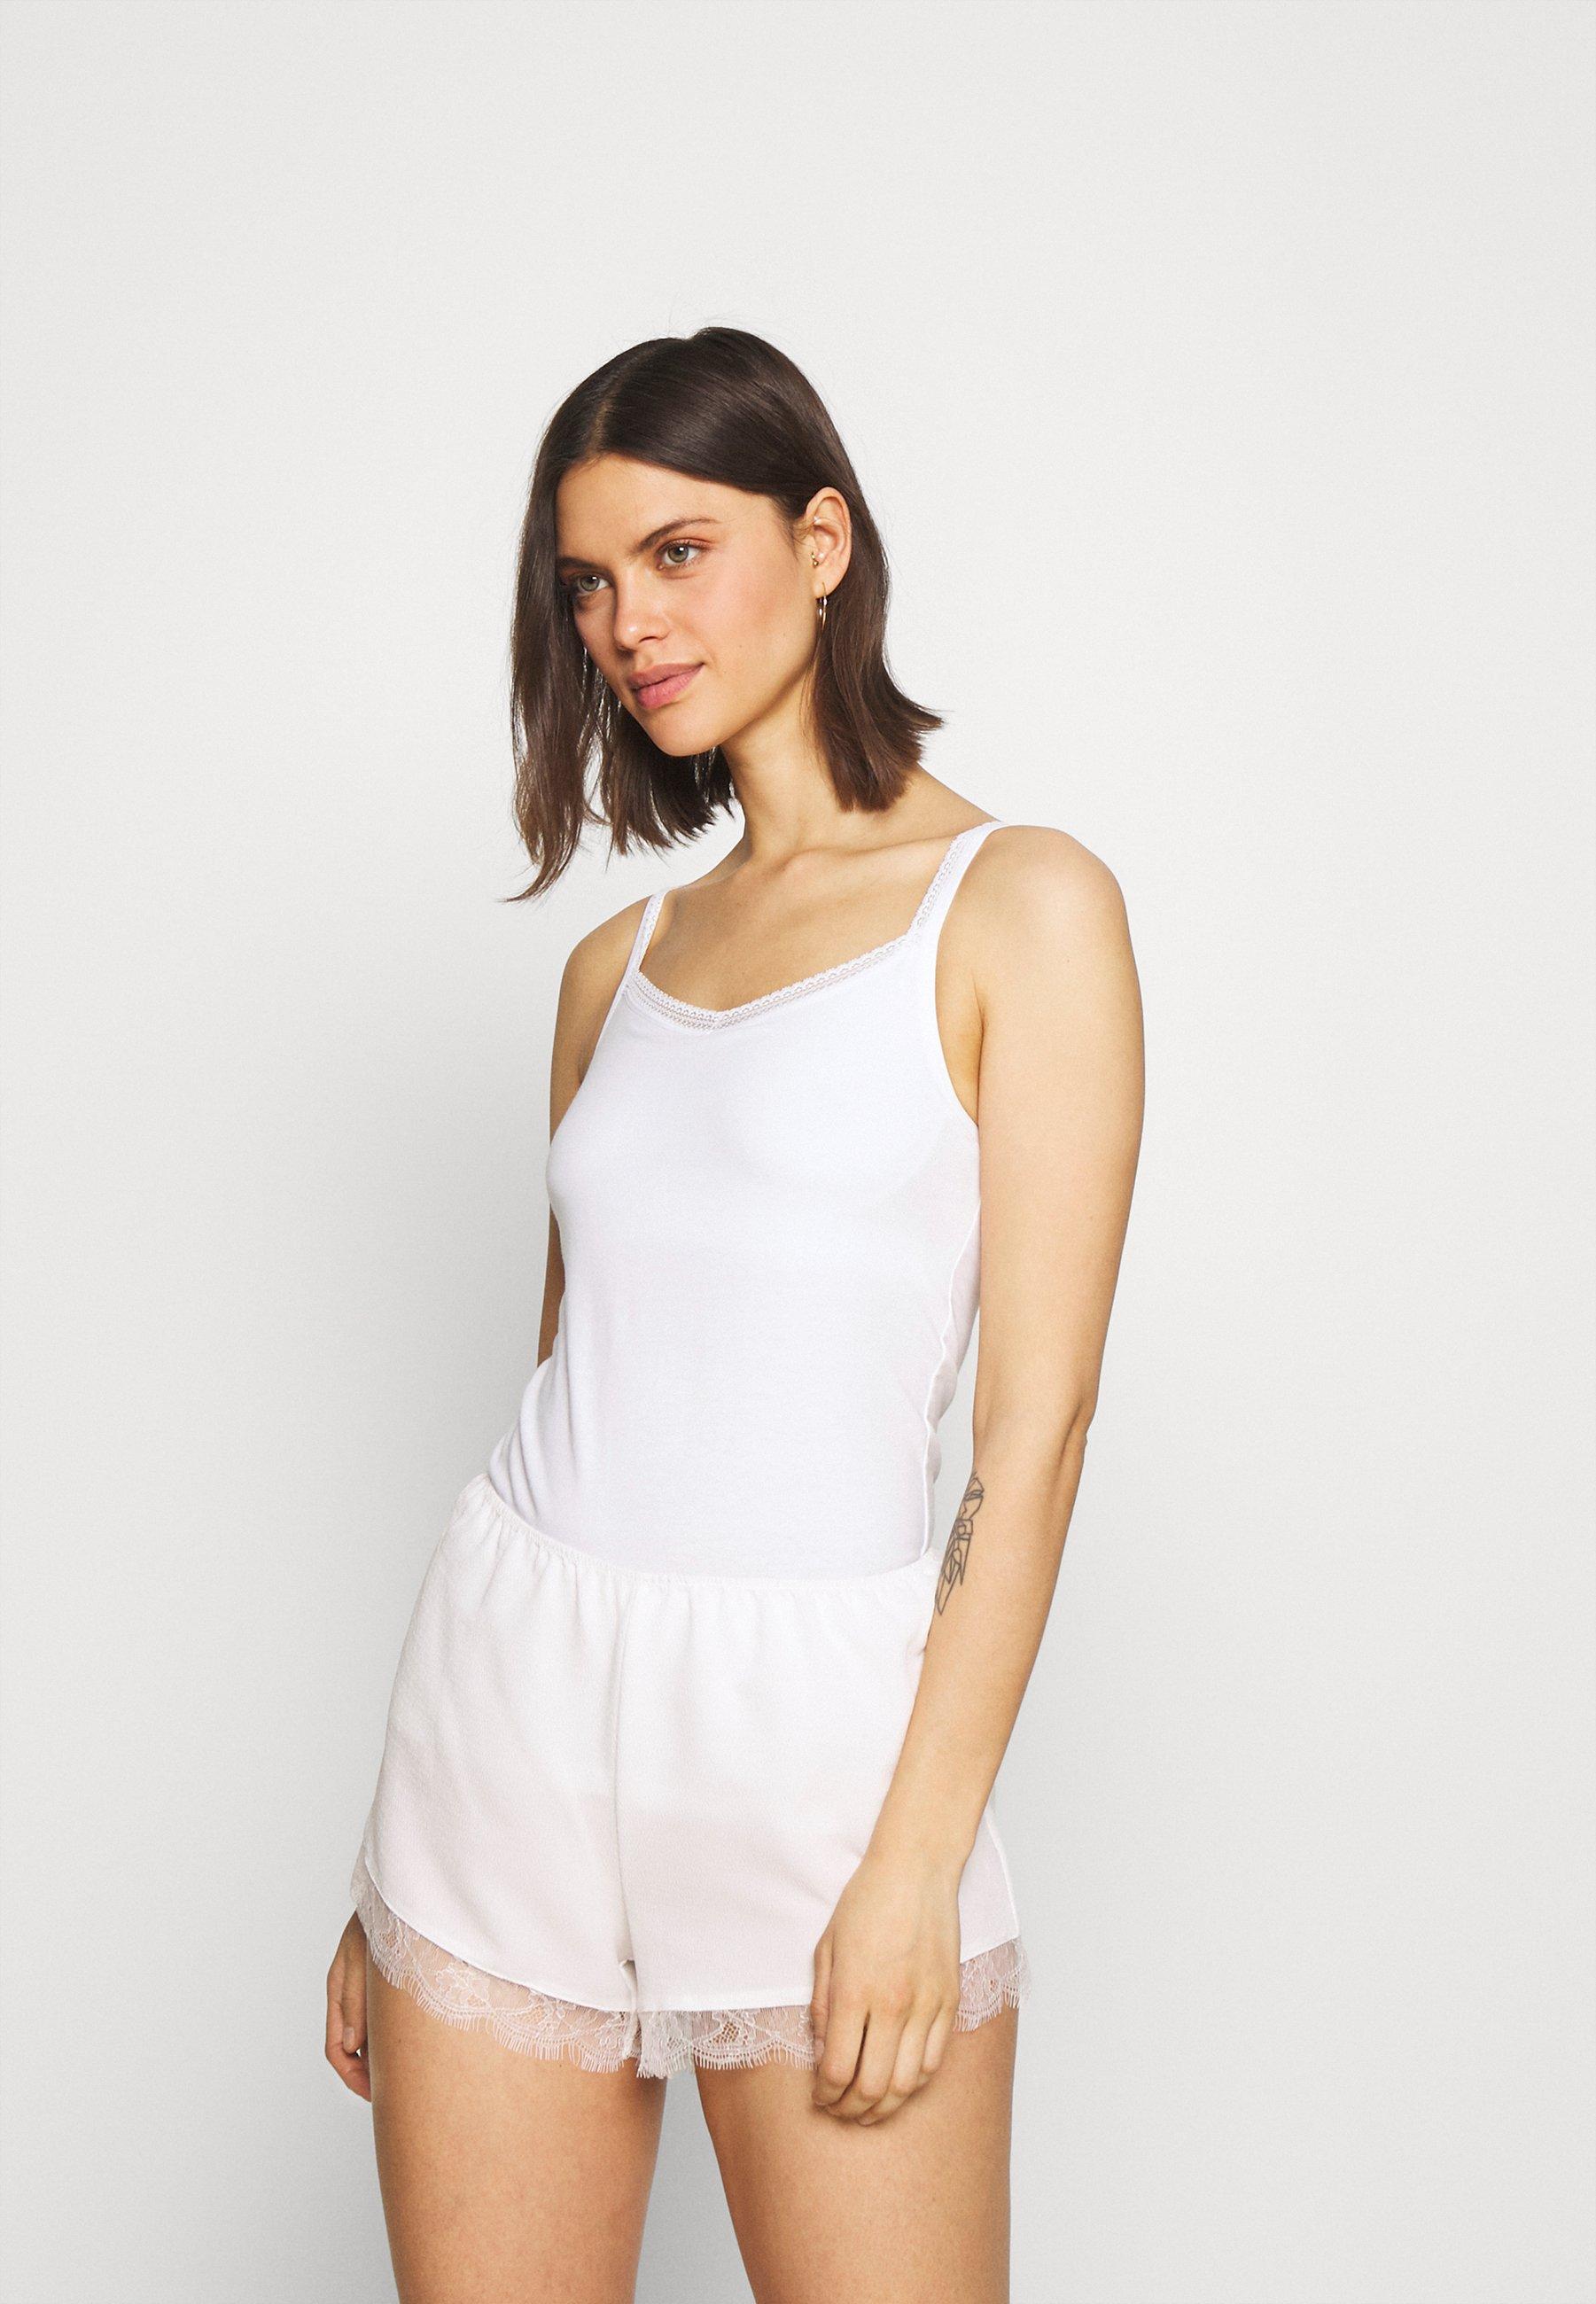 Damen COT SHELF SUPPORT - Nachtwäsche Shirt